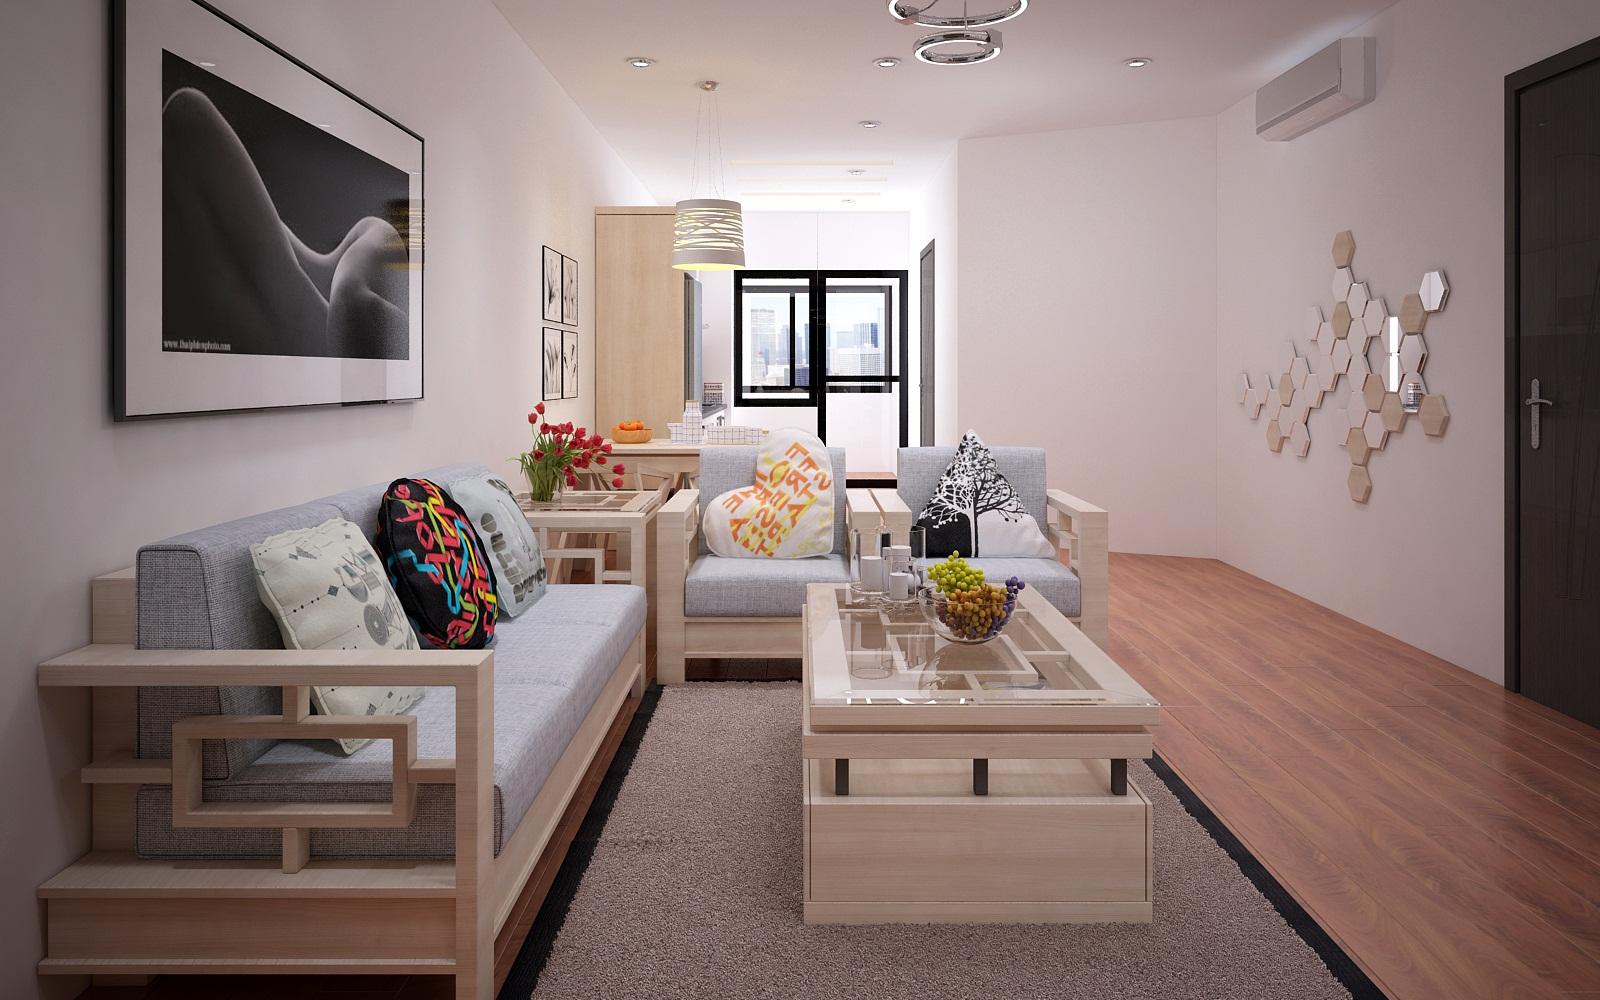 Chỉ từ 3 – 5 triệu đồng/ tháng, bạn đã có thể thuê được những căn chung cư giá rẻ